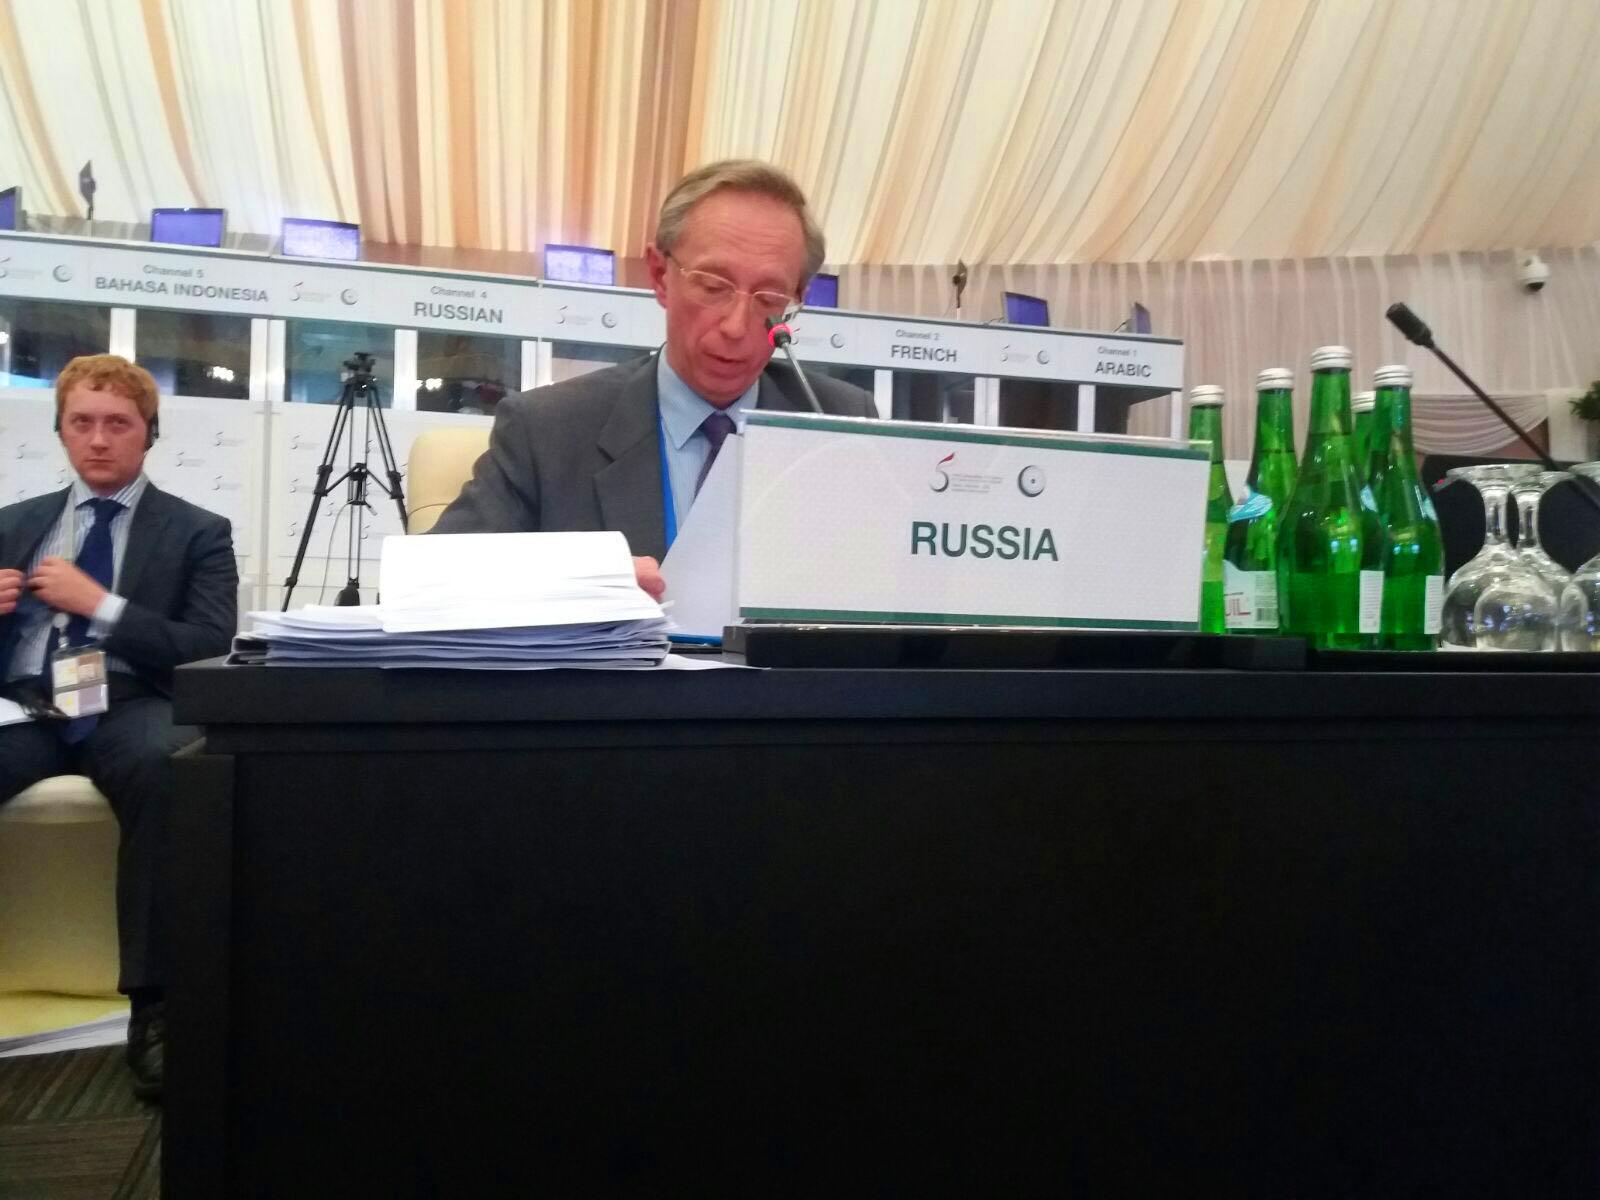 Melalui KTT OKI, Rusia Sampaikan Dukungannya untuk Kemerdekaan Palestina